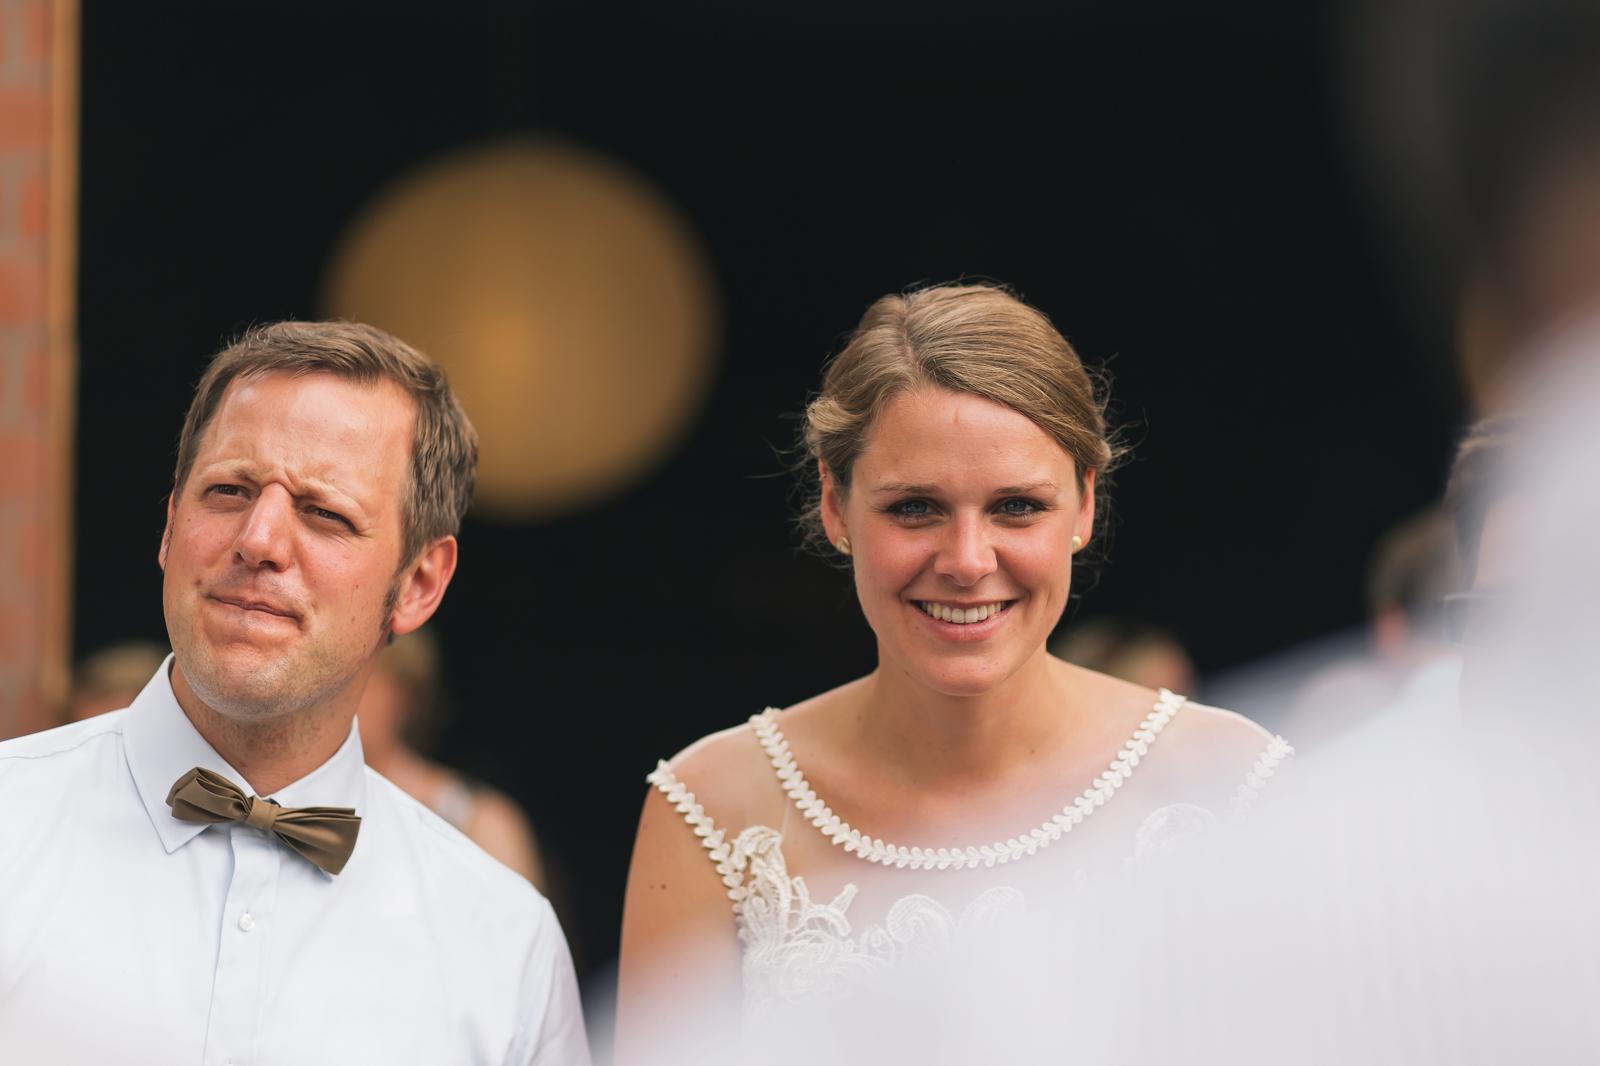 Monstergraphie_Hochzeitsreportage_Bottrop36.jpg?fit=1600%2C1066